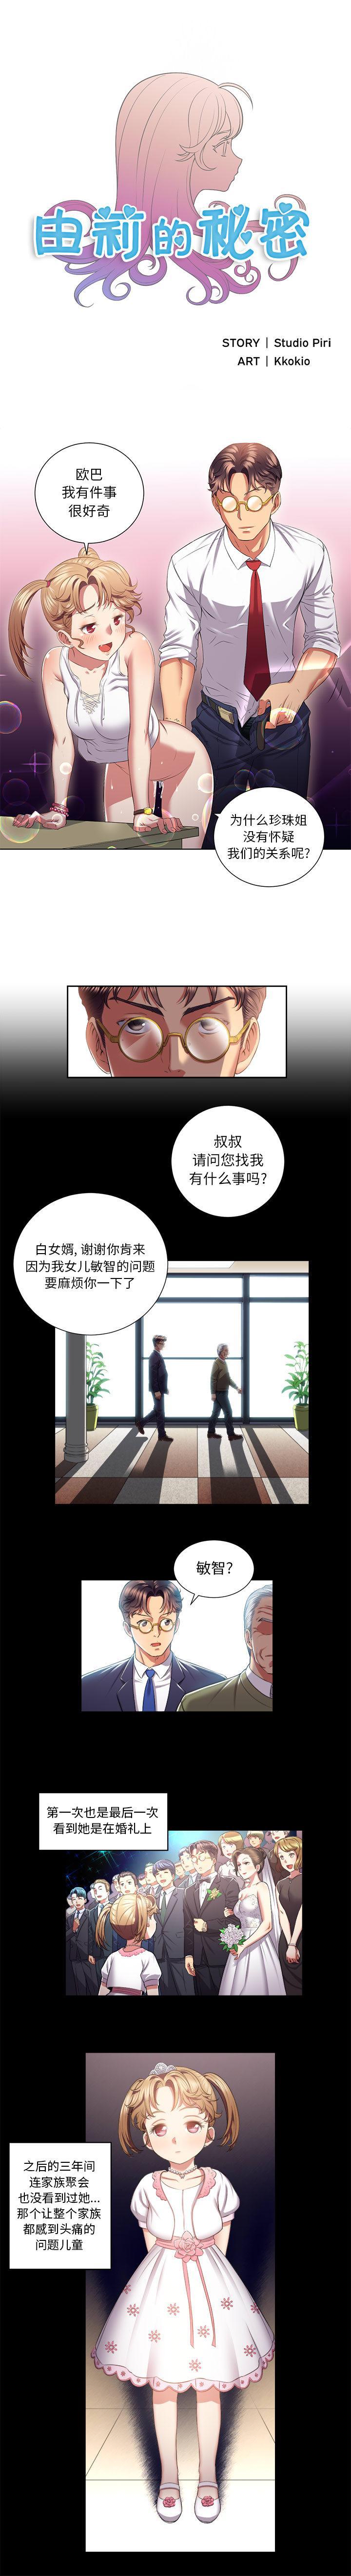 由莉的秘密1-60 中文翻译 (更新中) 102